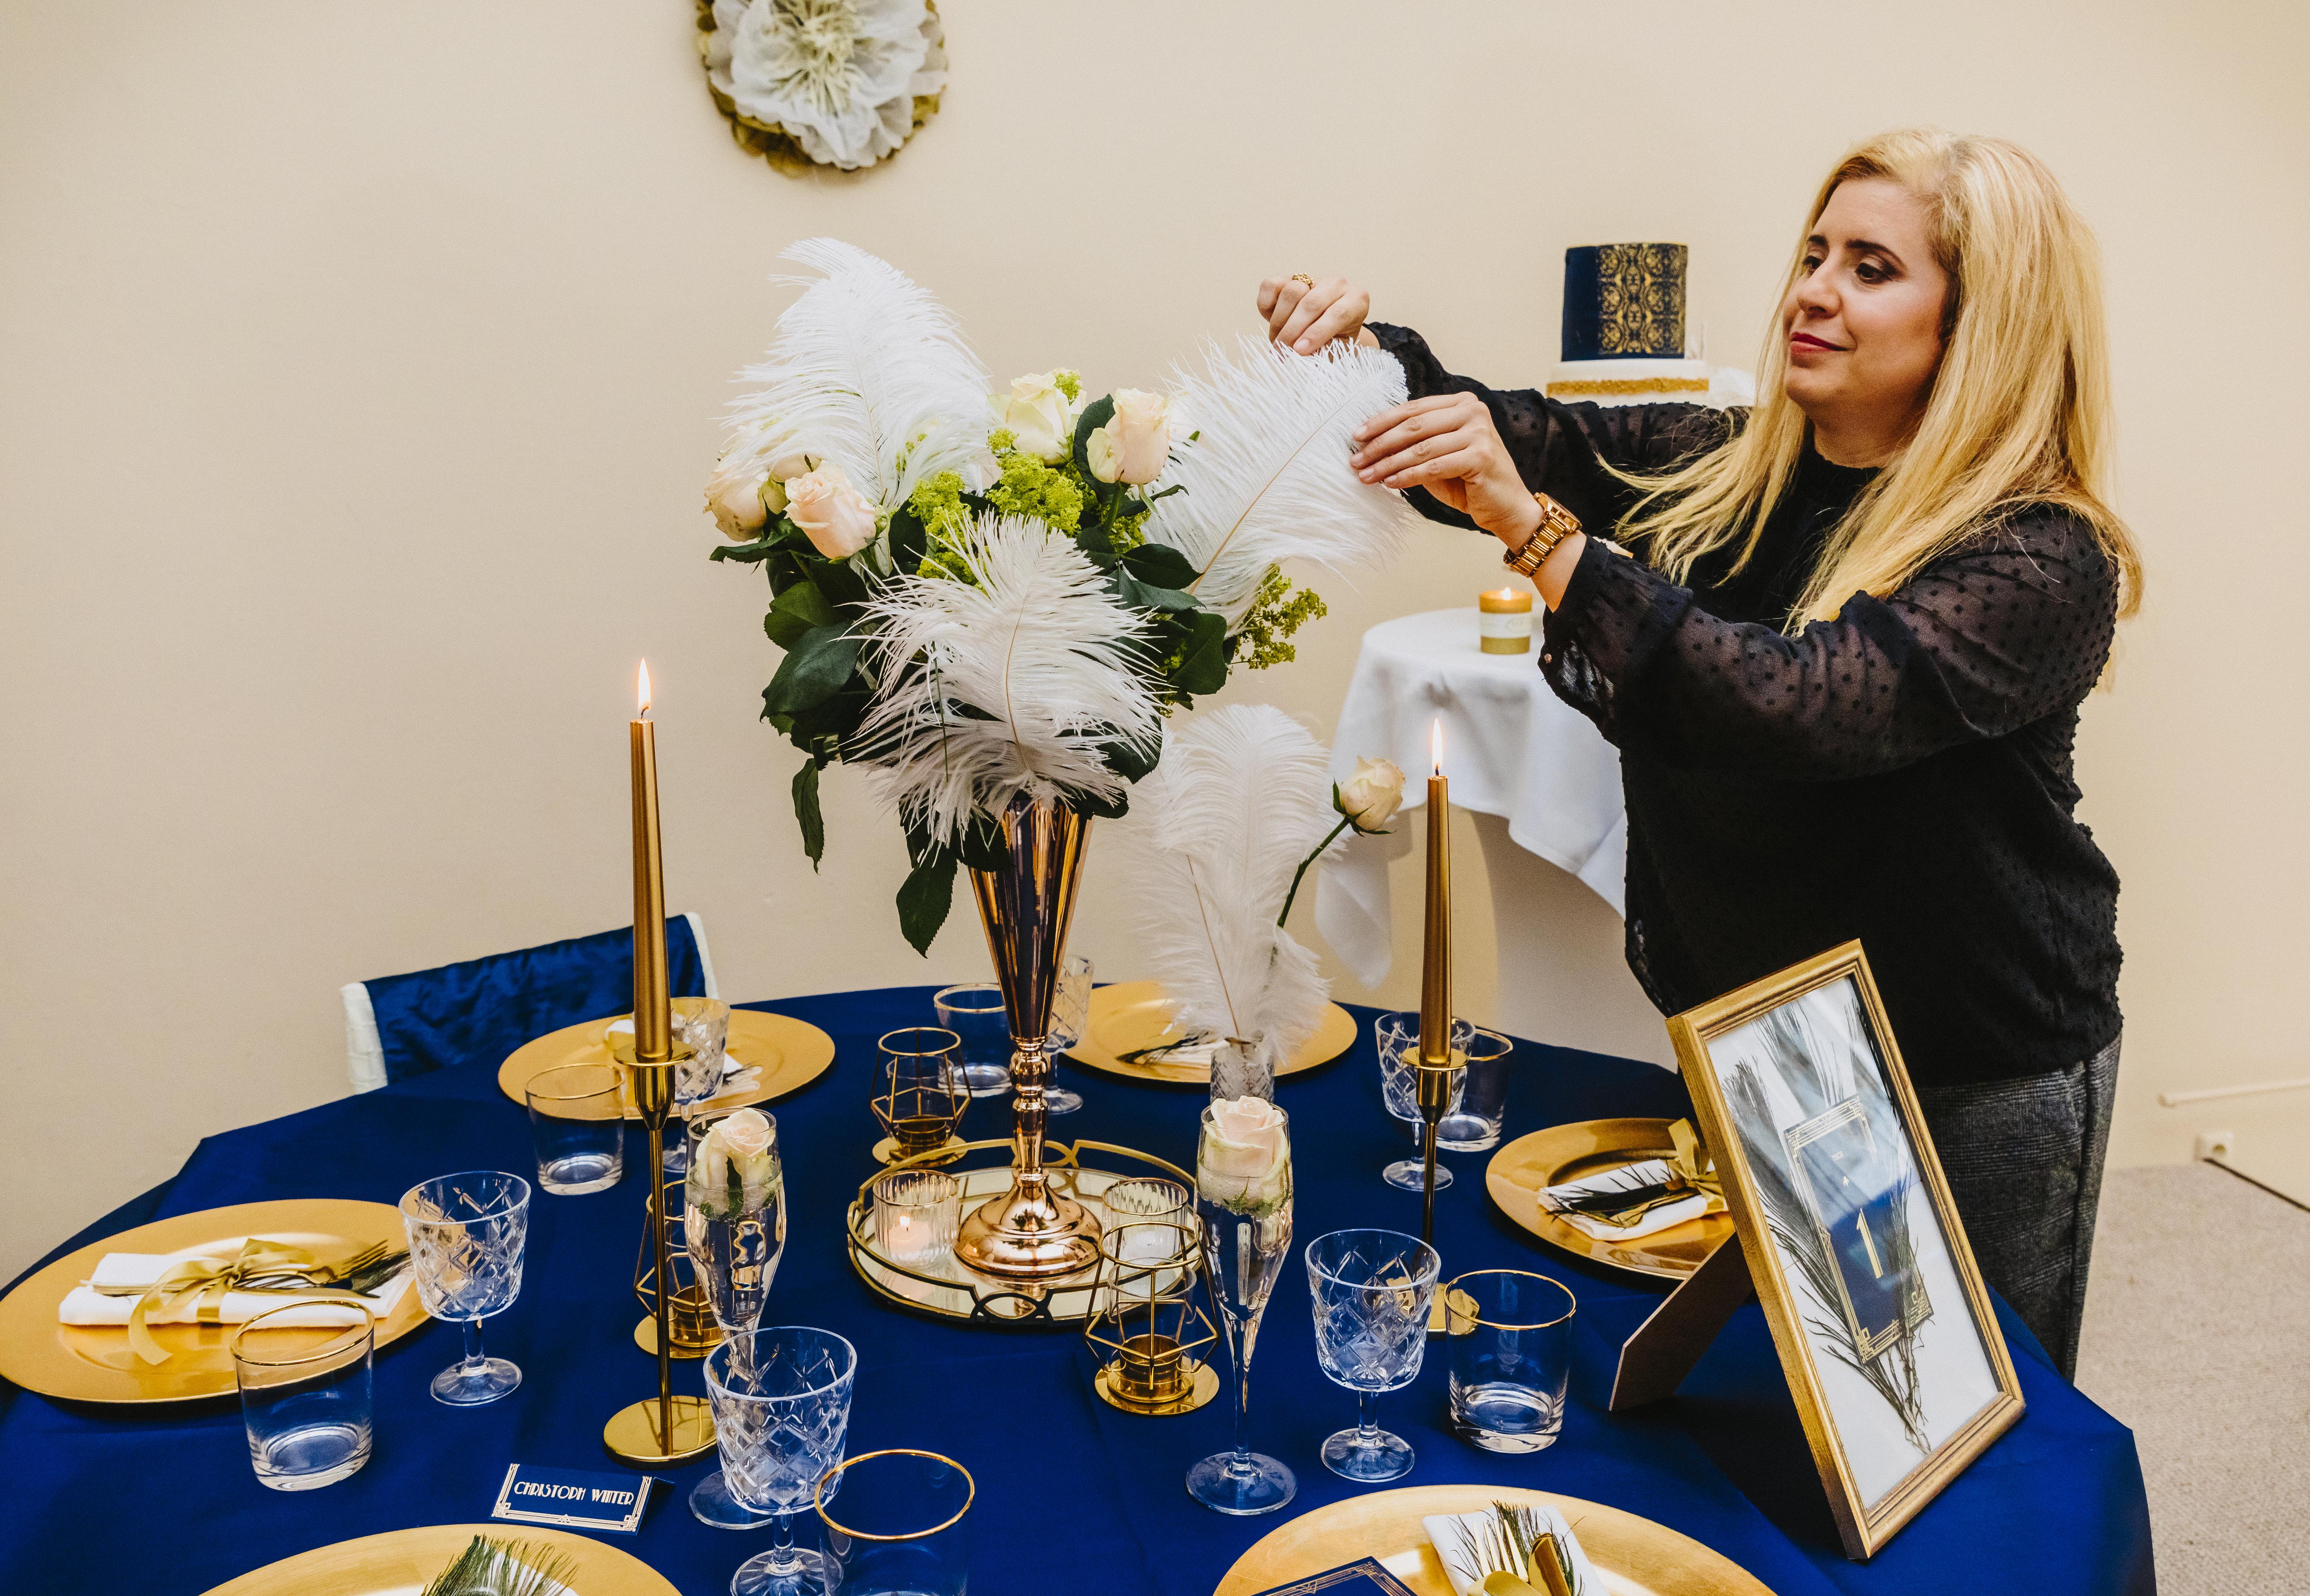 Styled Wedding Shoot © Maren van Meer Photodesign 2019 (63)